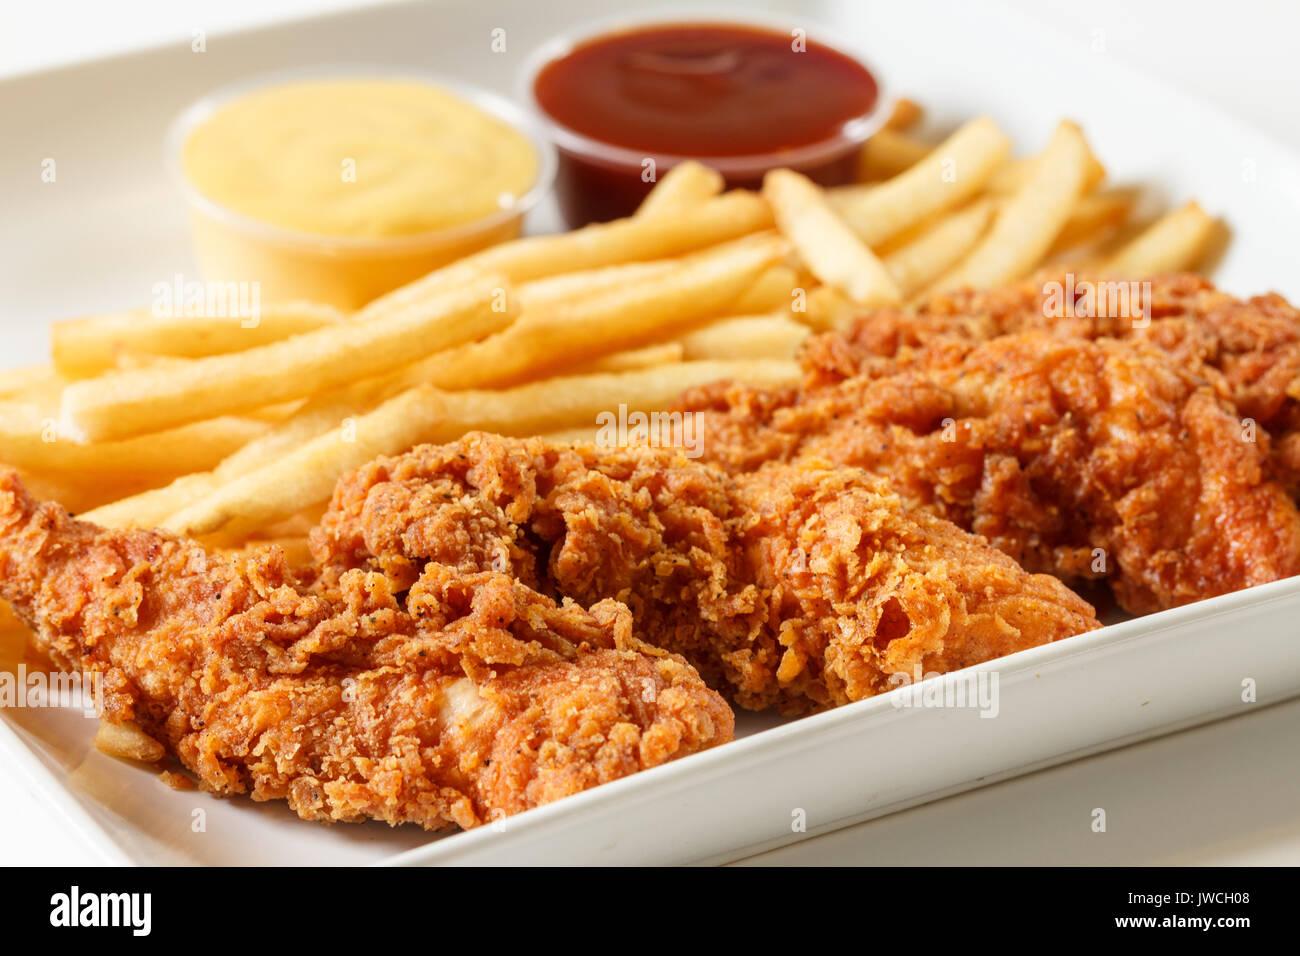 Doigts de poulet frit avec des frites et sauce Photo Stock